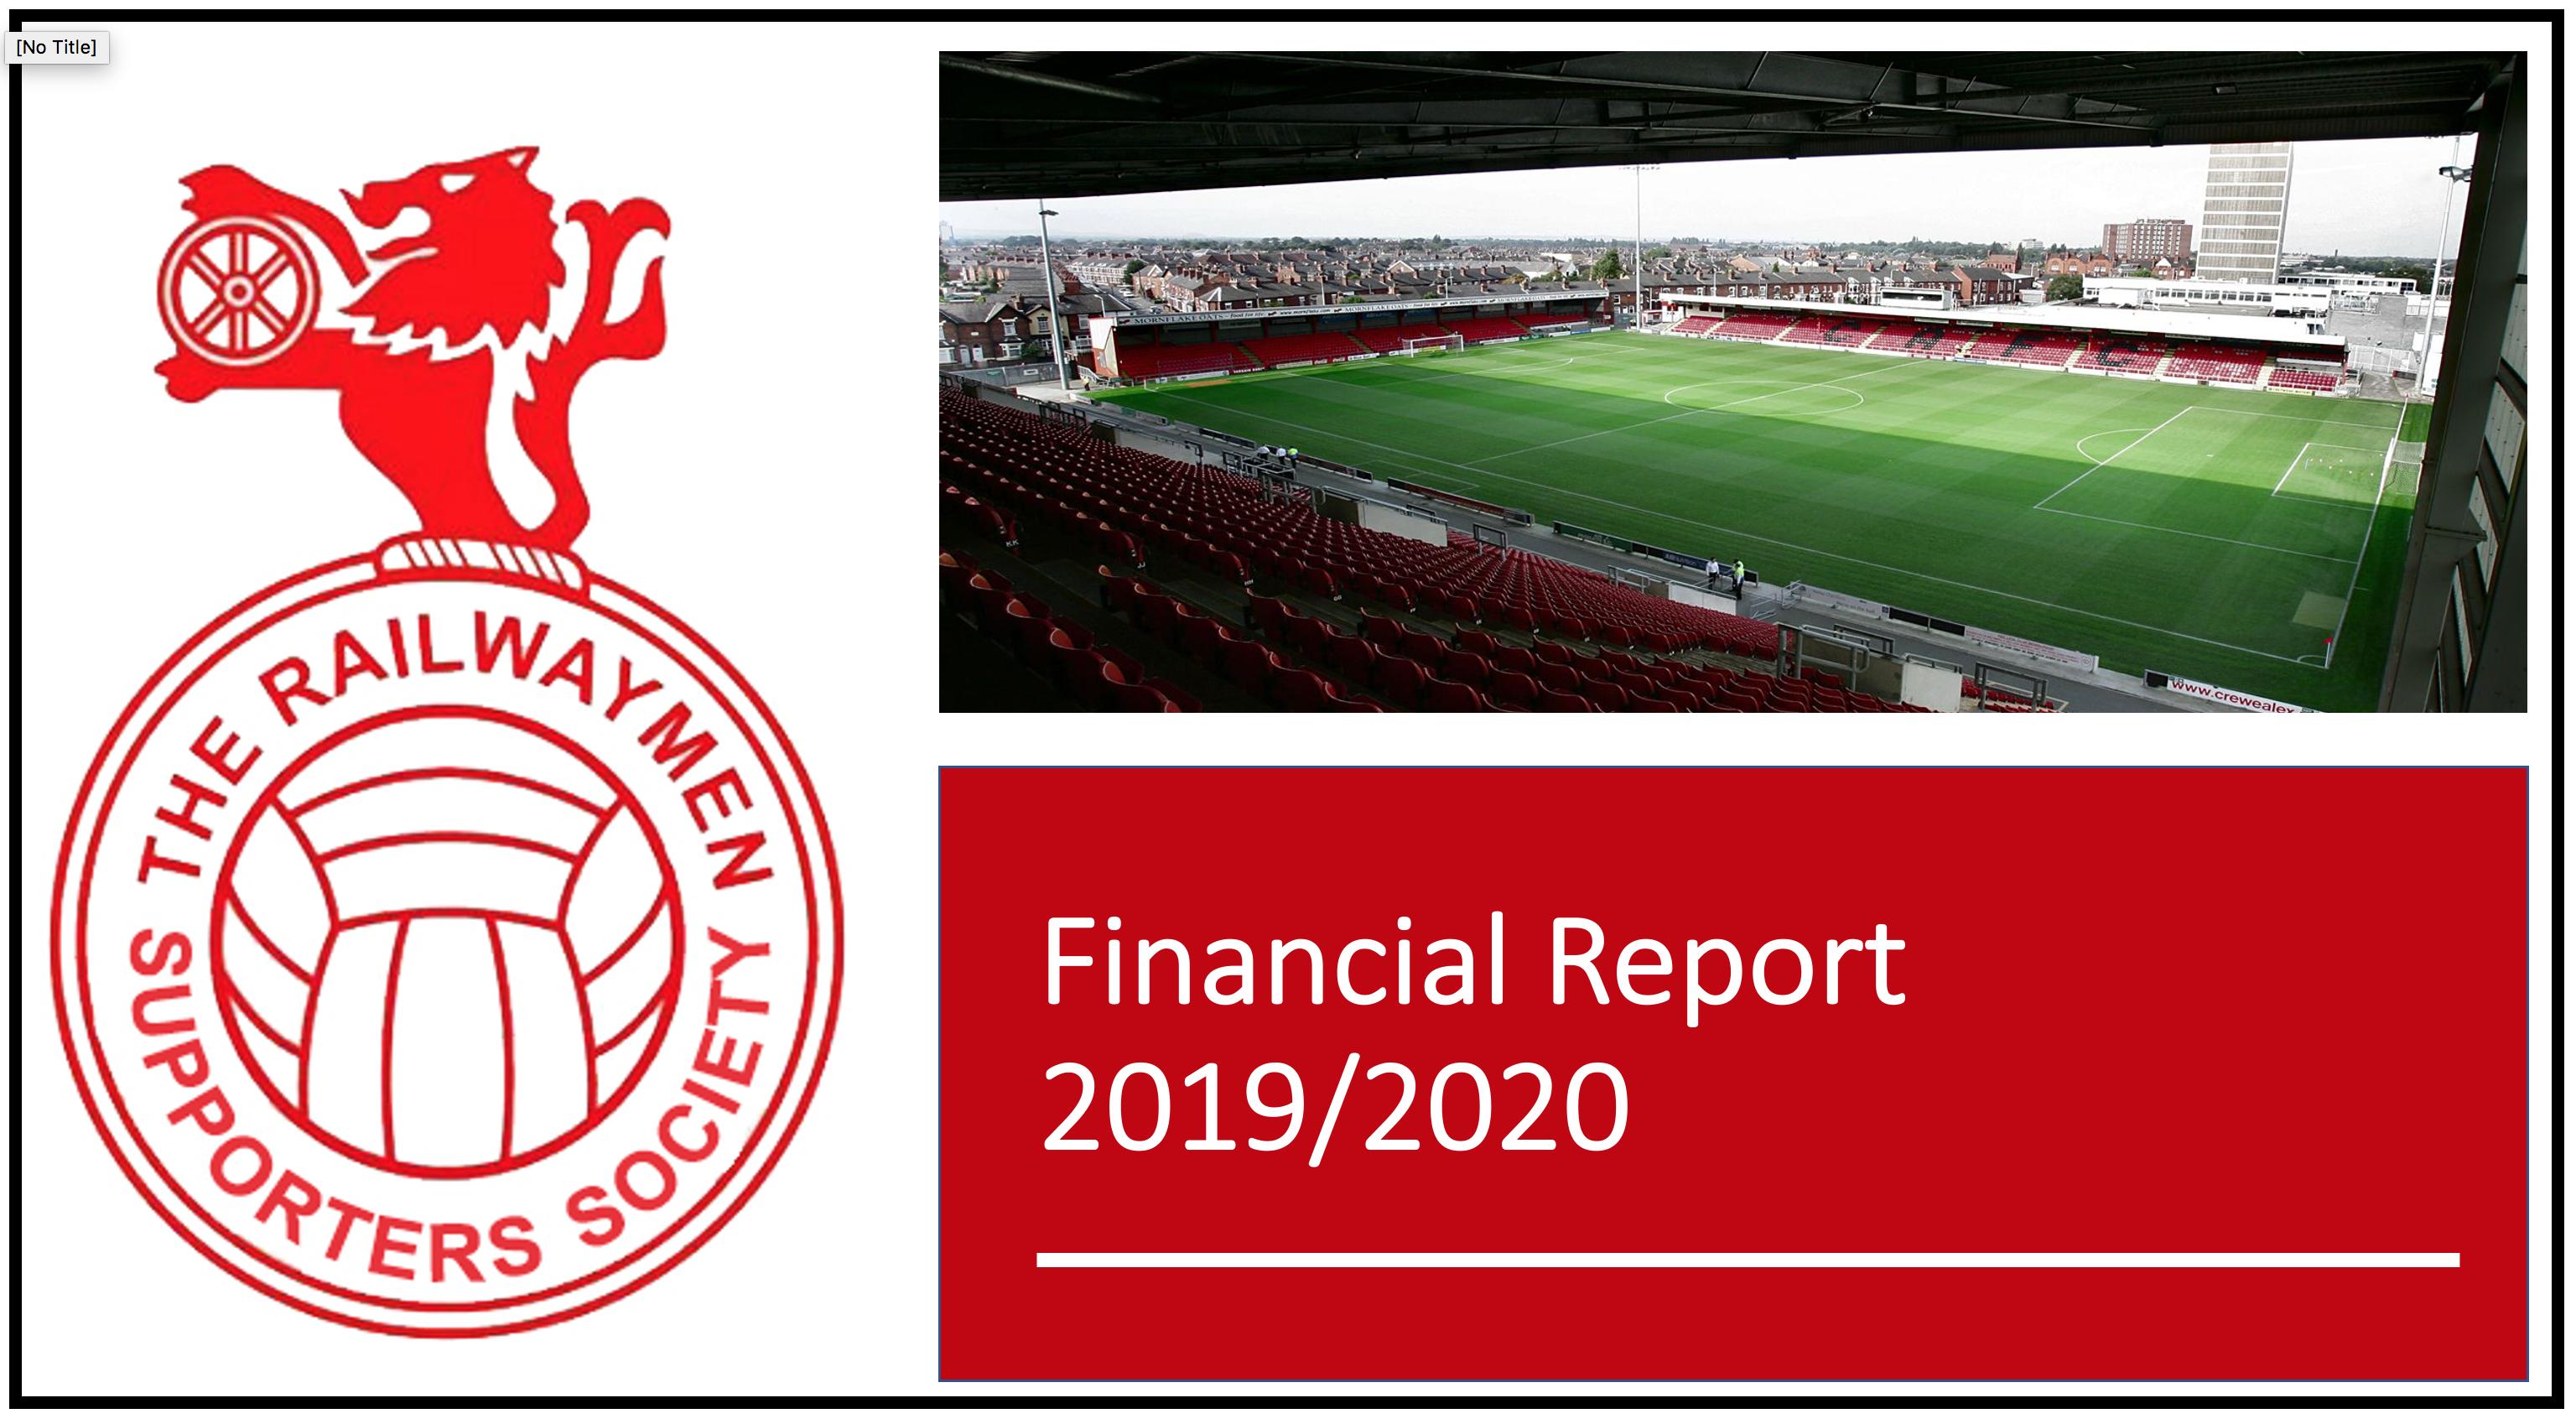 Railwaymen Financial Report 2020